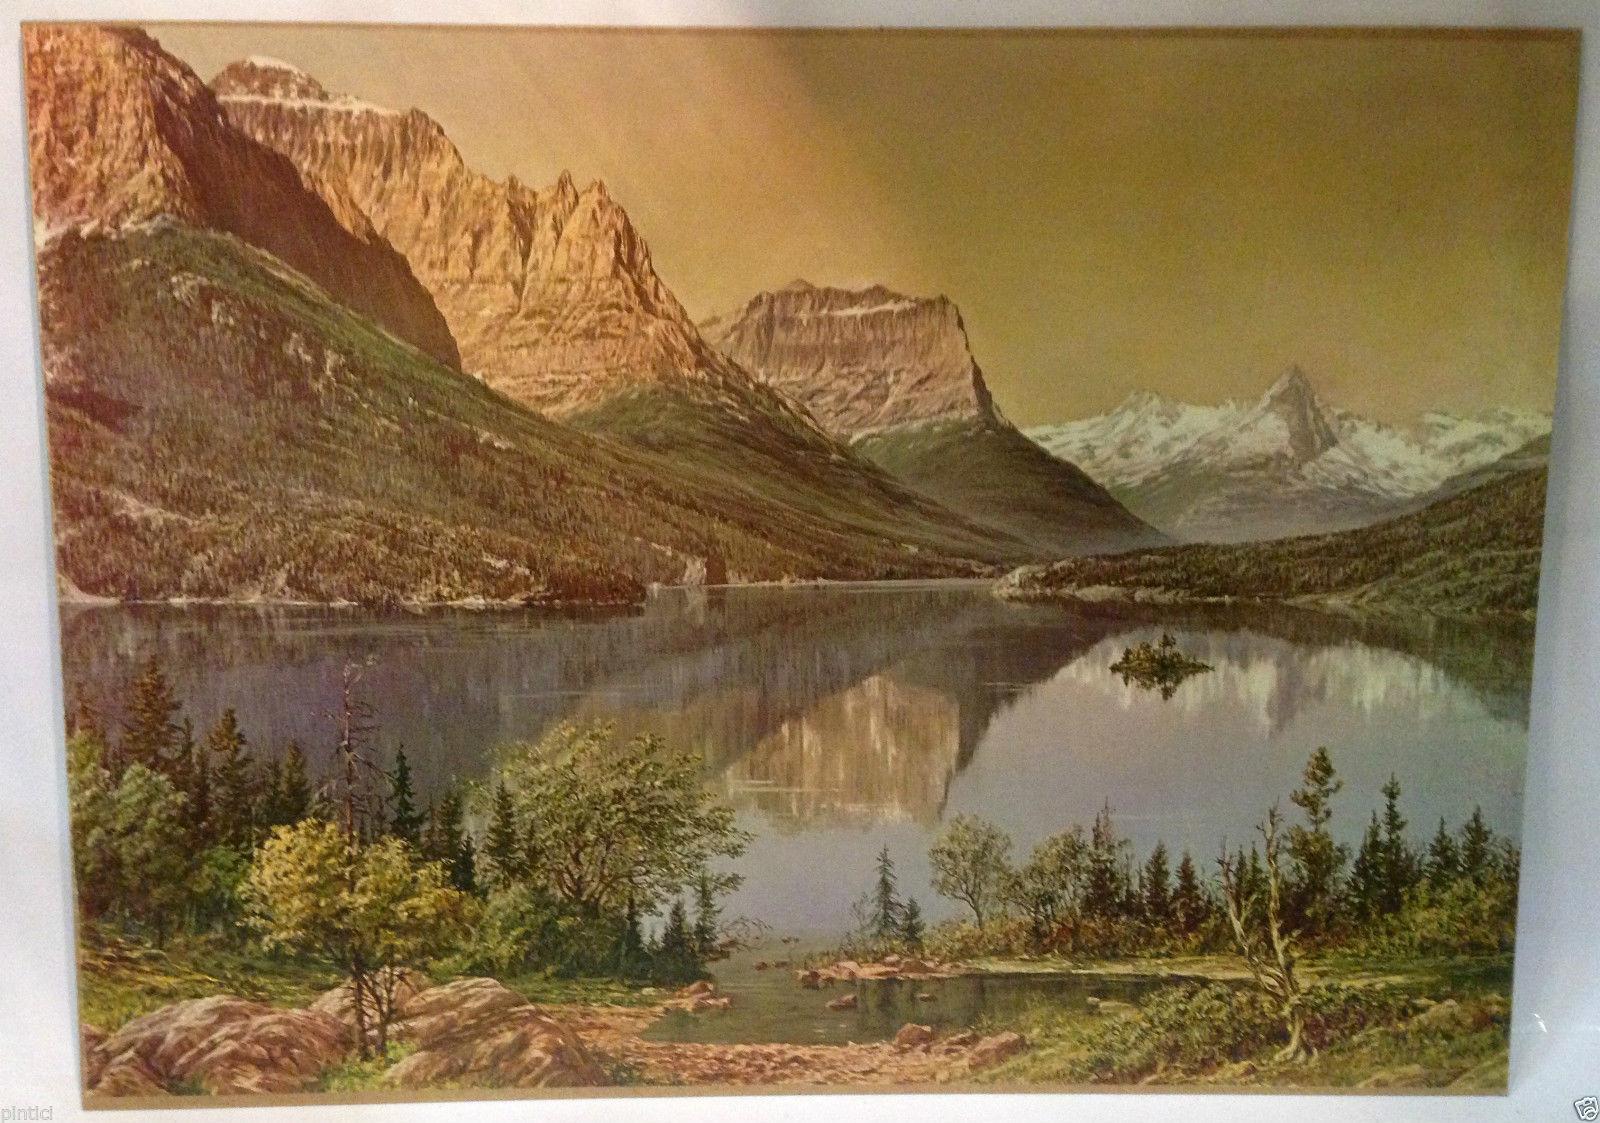 see berge landschaftsbilder wandbild 50x40 kunstdruck auf mdf platte berge kaufen bei pintici. Black Bedroom Furniture Sets. Home Design Ideas